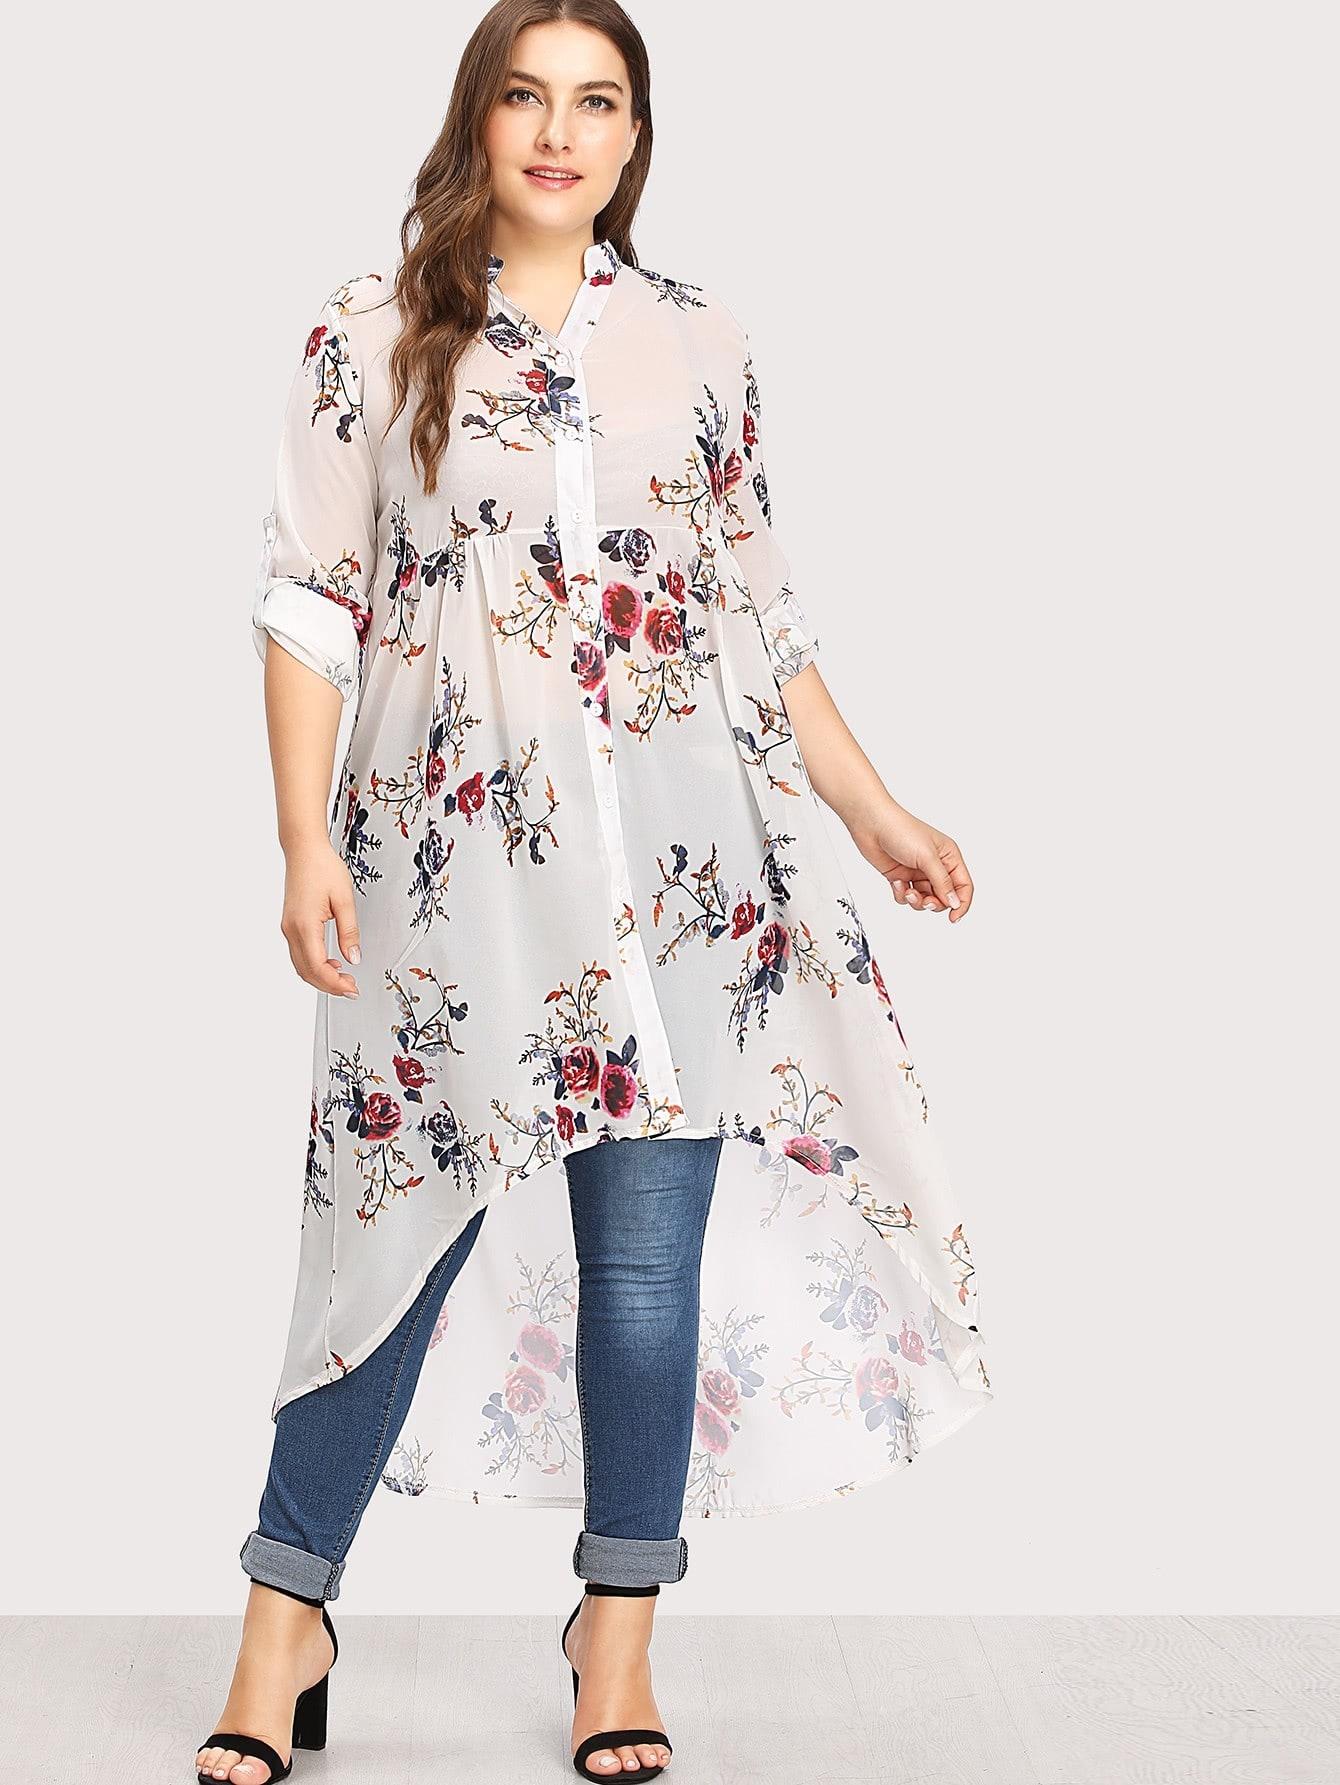 Купить Модная асимметричная блуза с цветочным принтом, Franziska, SheIn